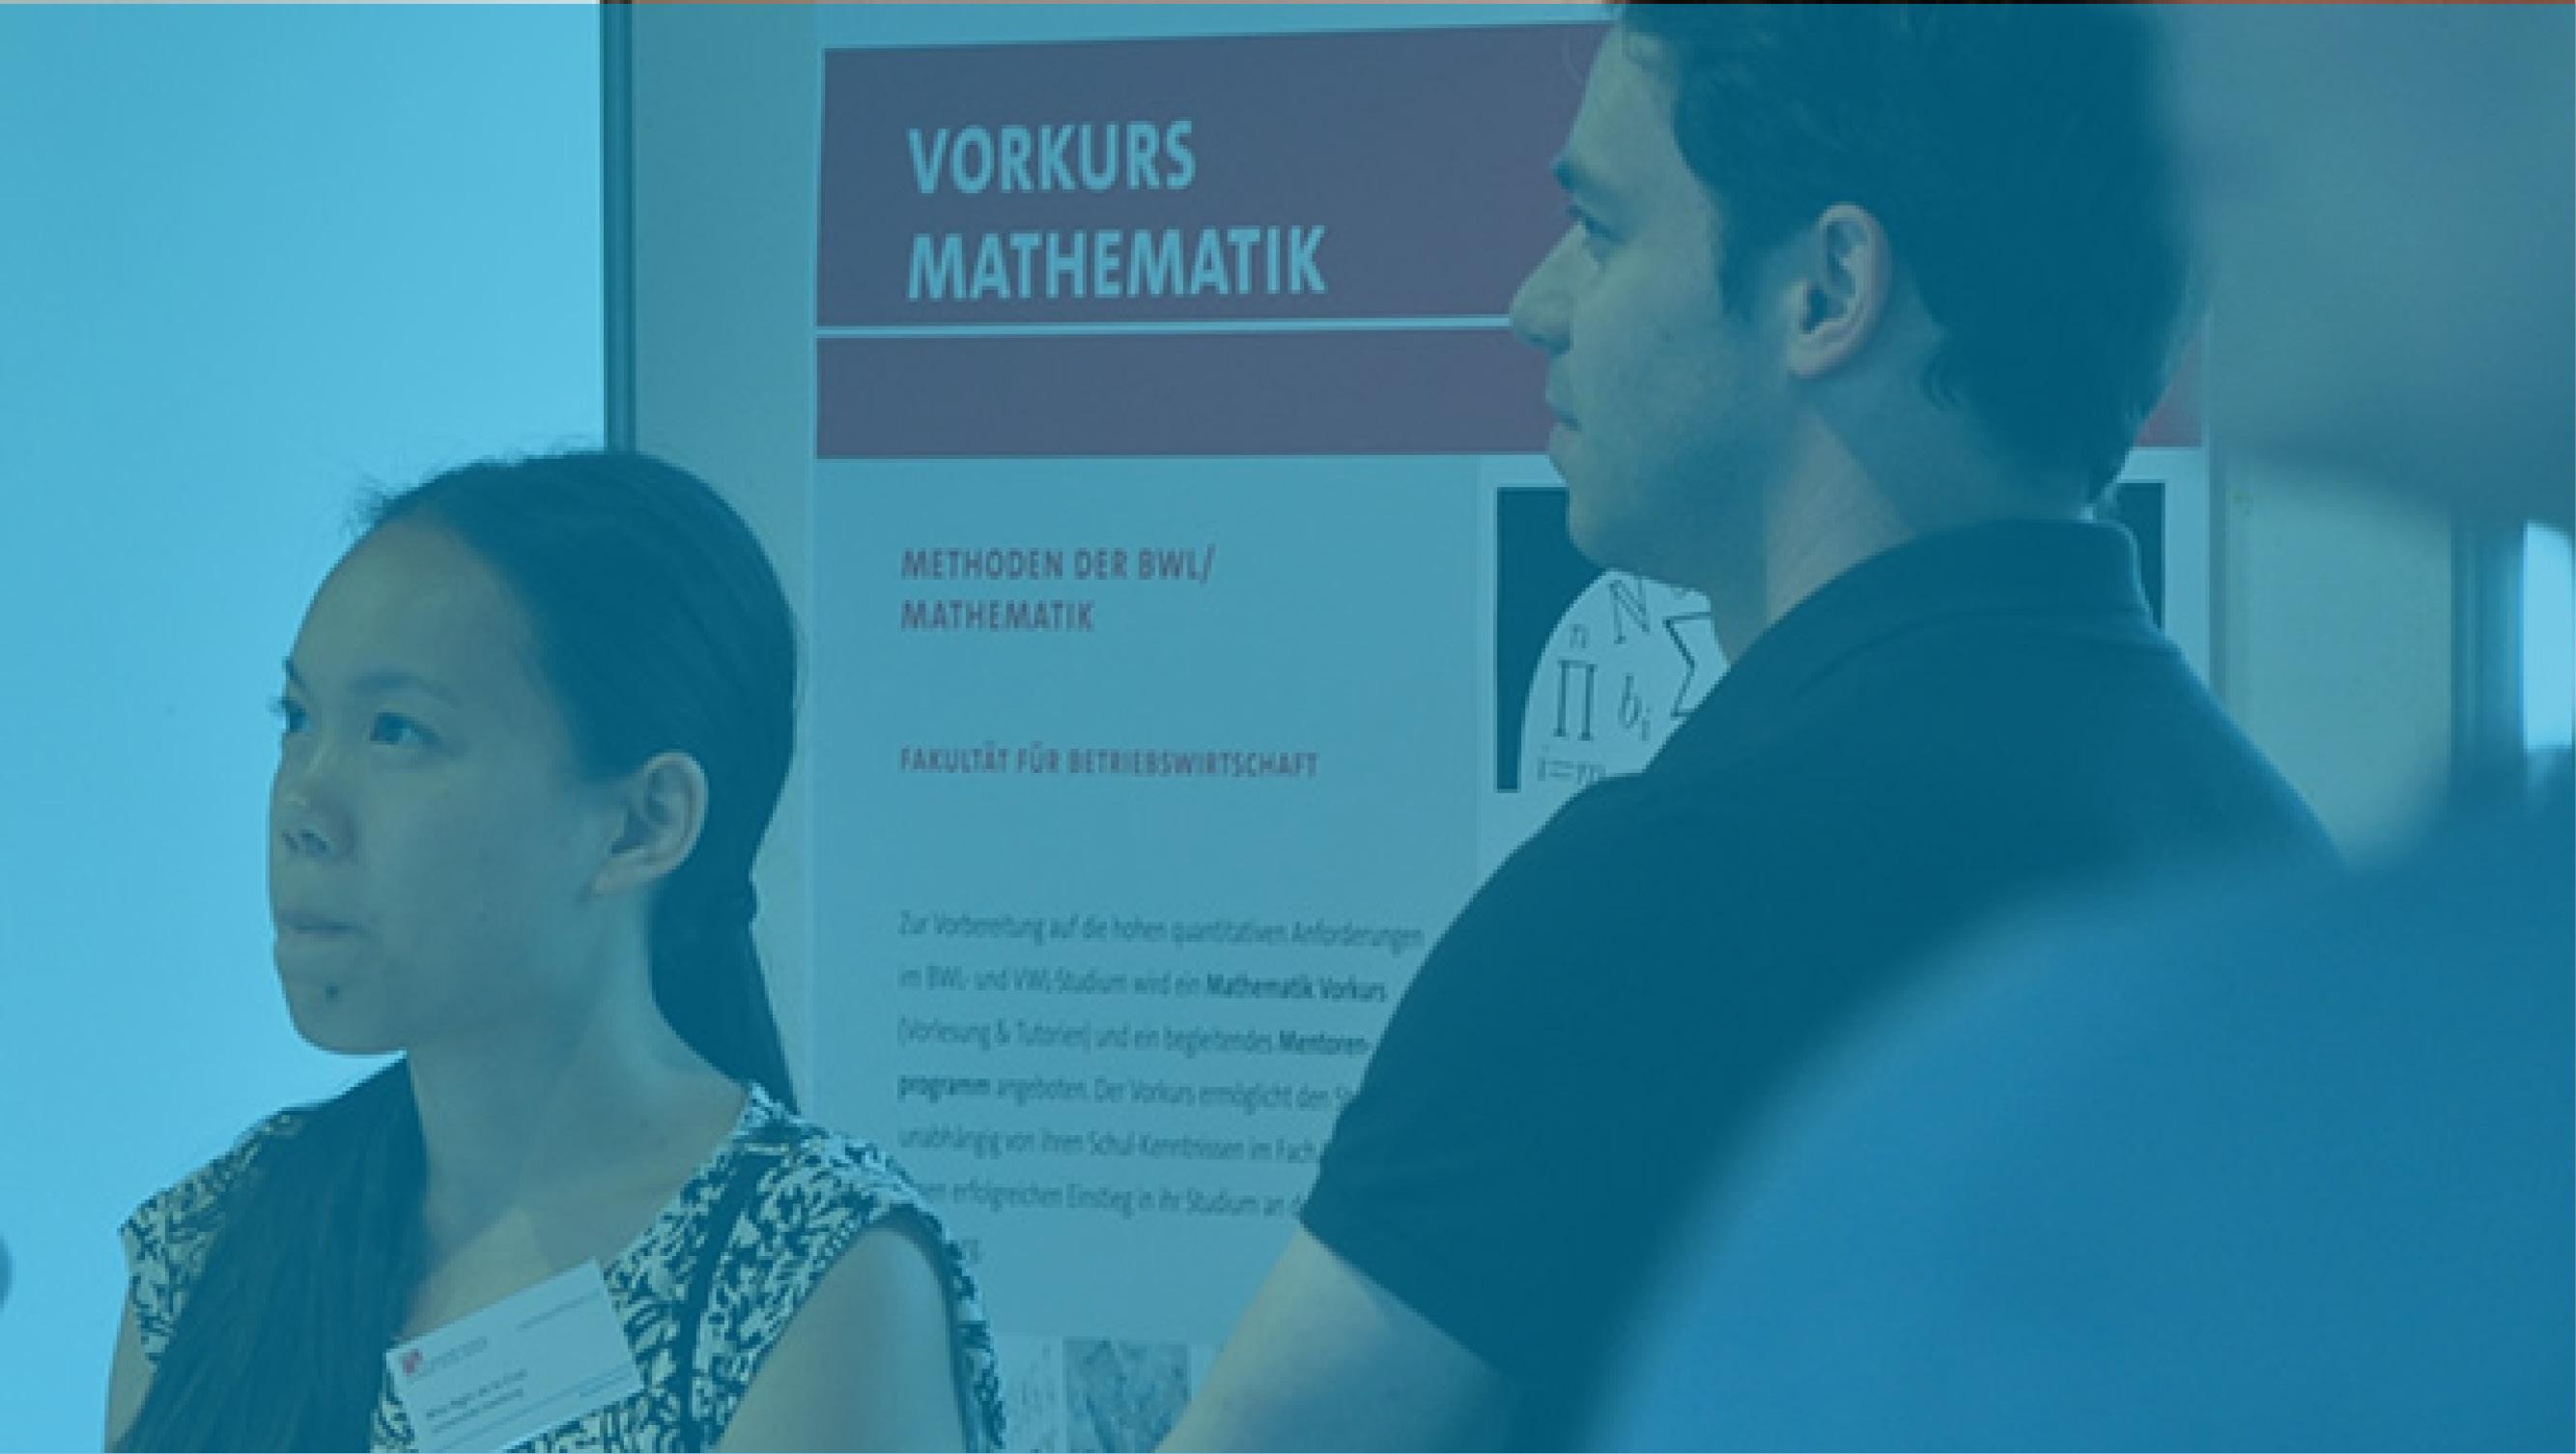 Kursleiter der Mathevorkurse Nha-Nghi de la Cruz und Dr. Arne Johannssen